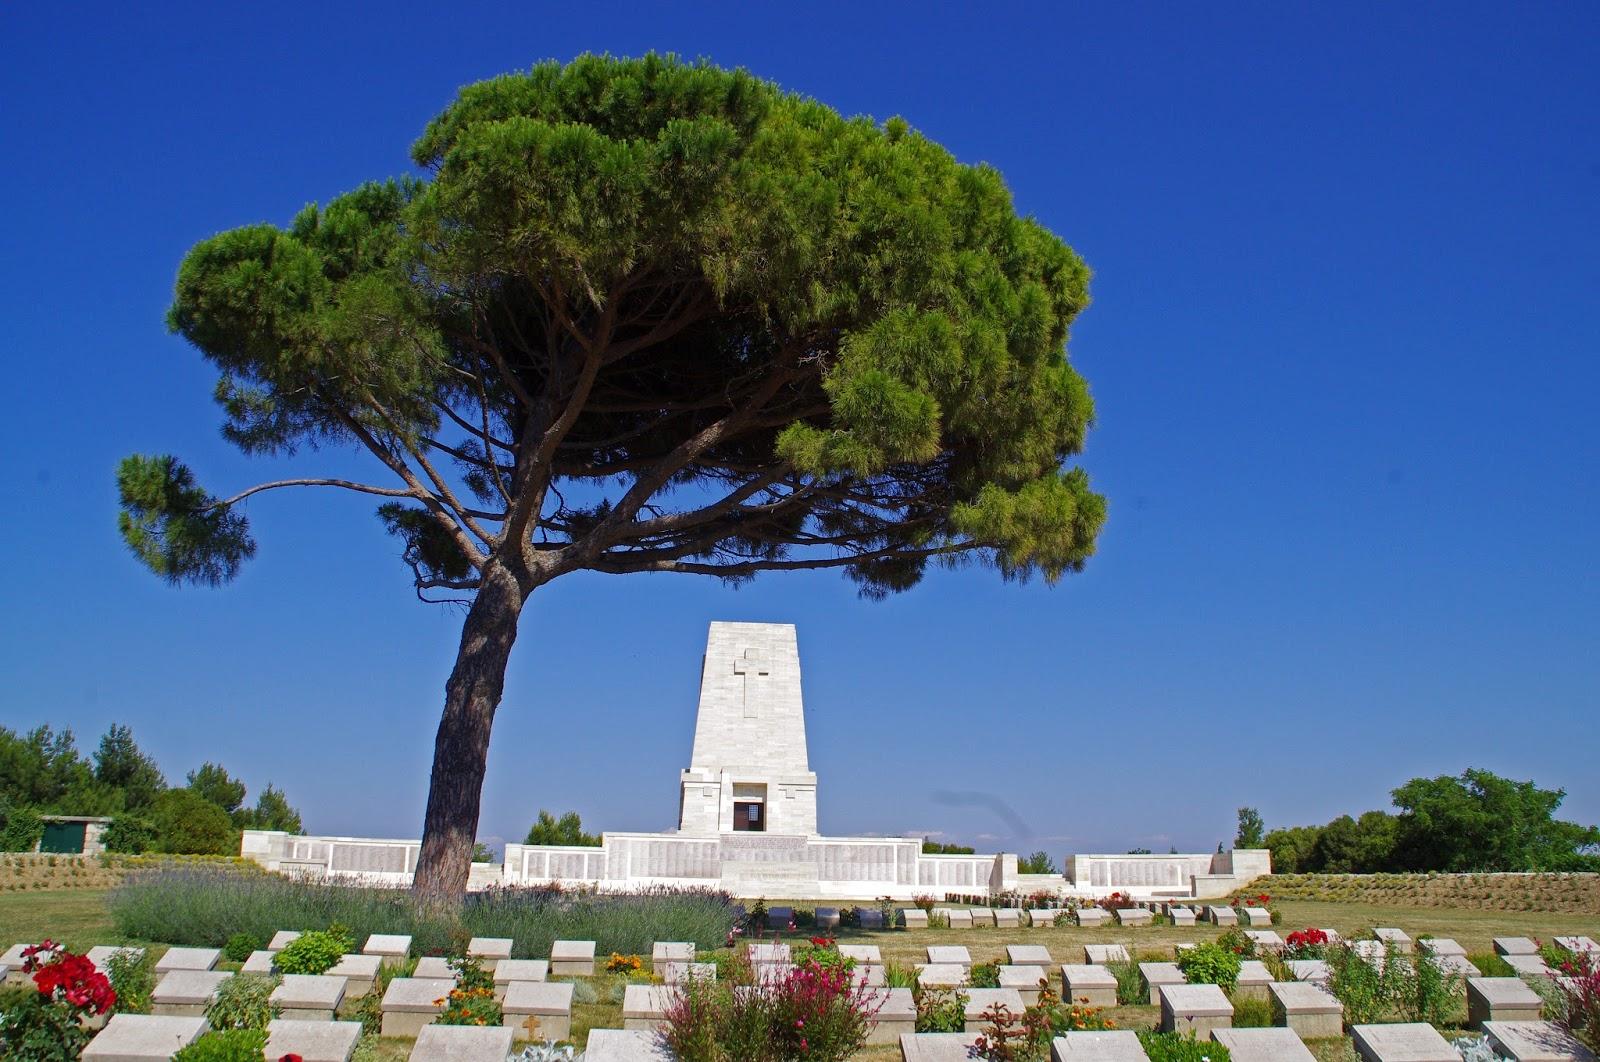 Lone Pine Memorial Gallipoli